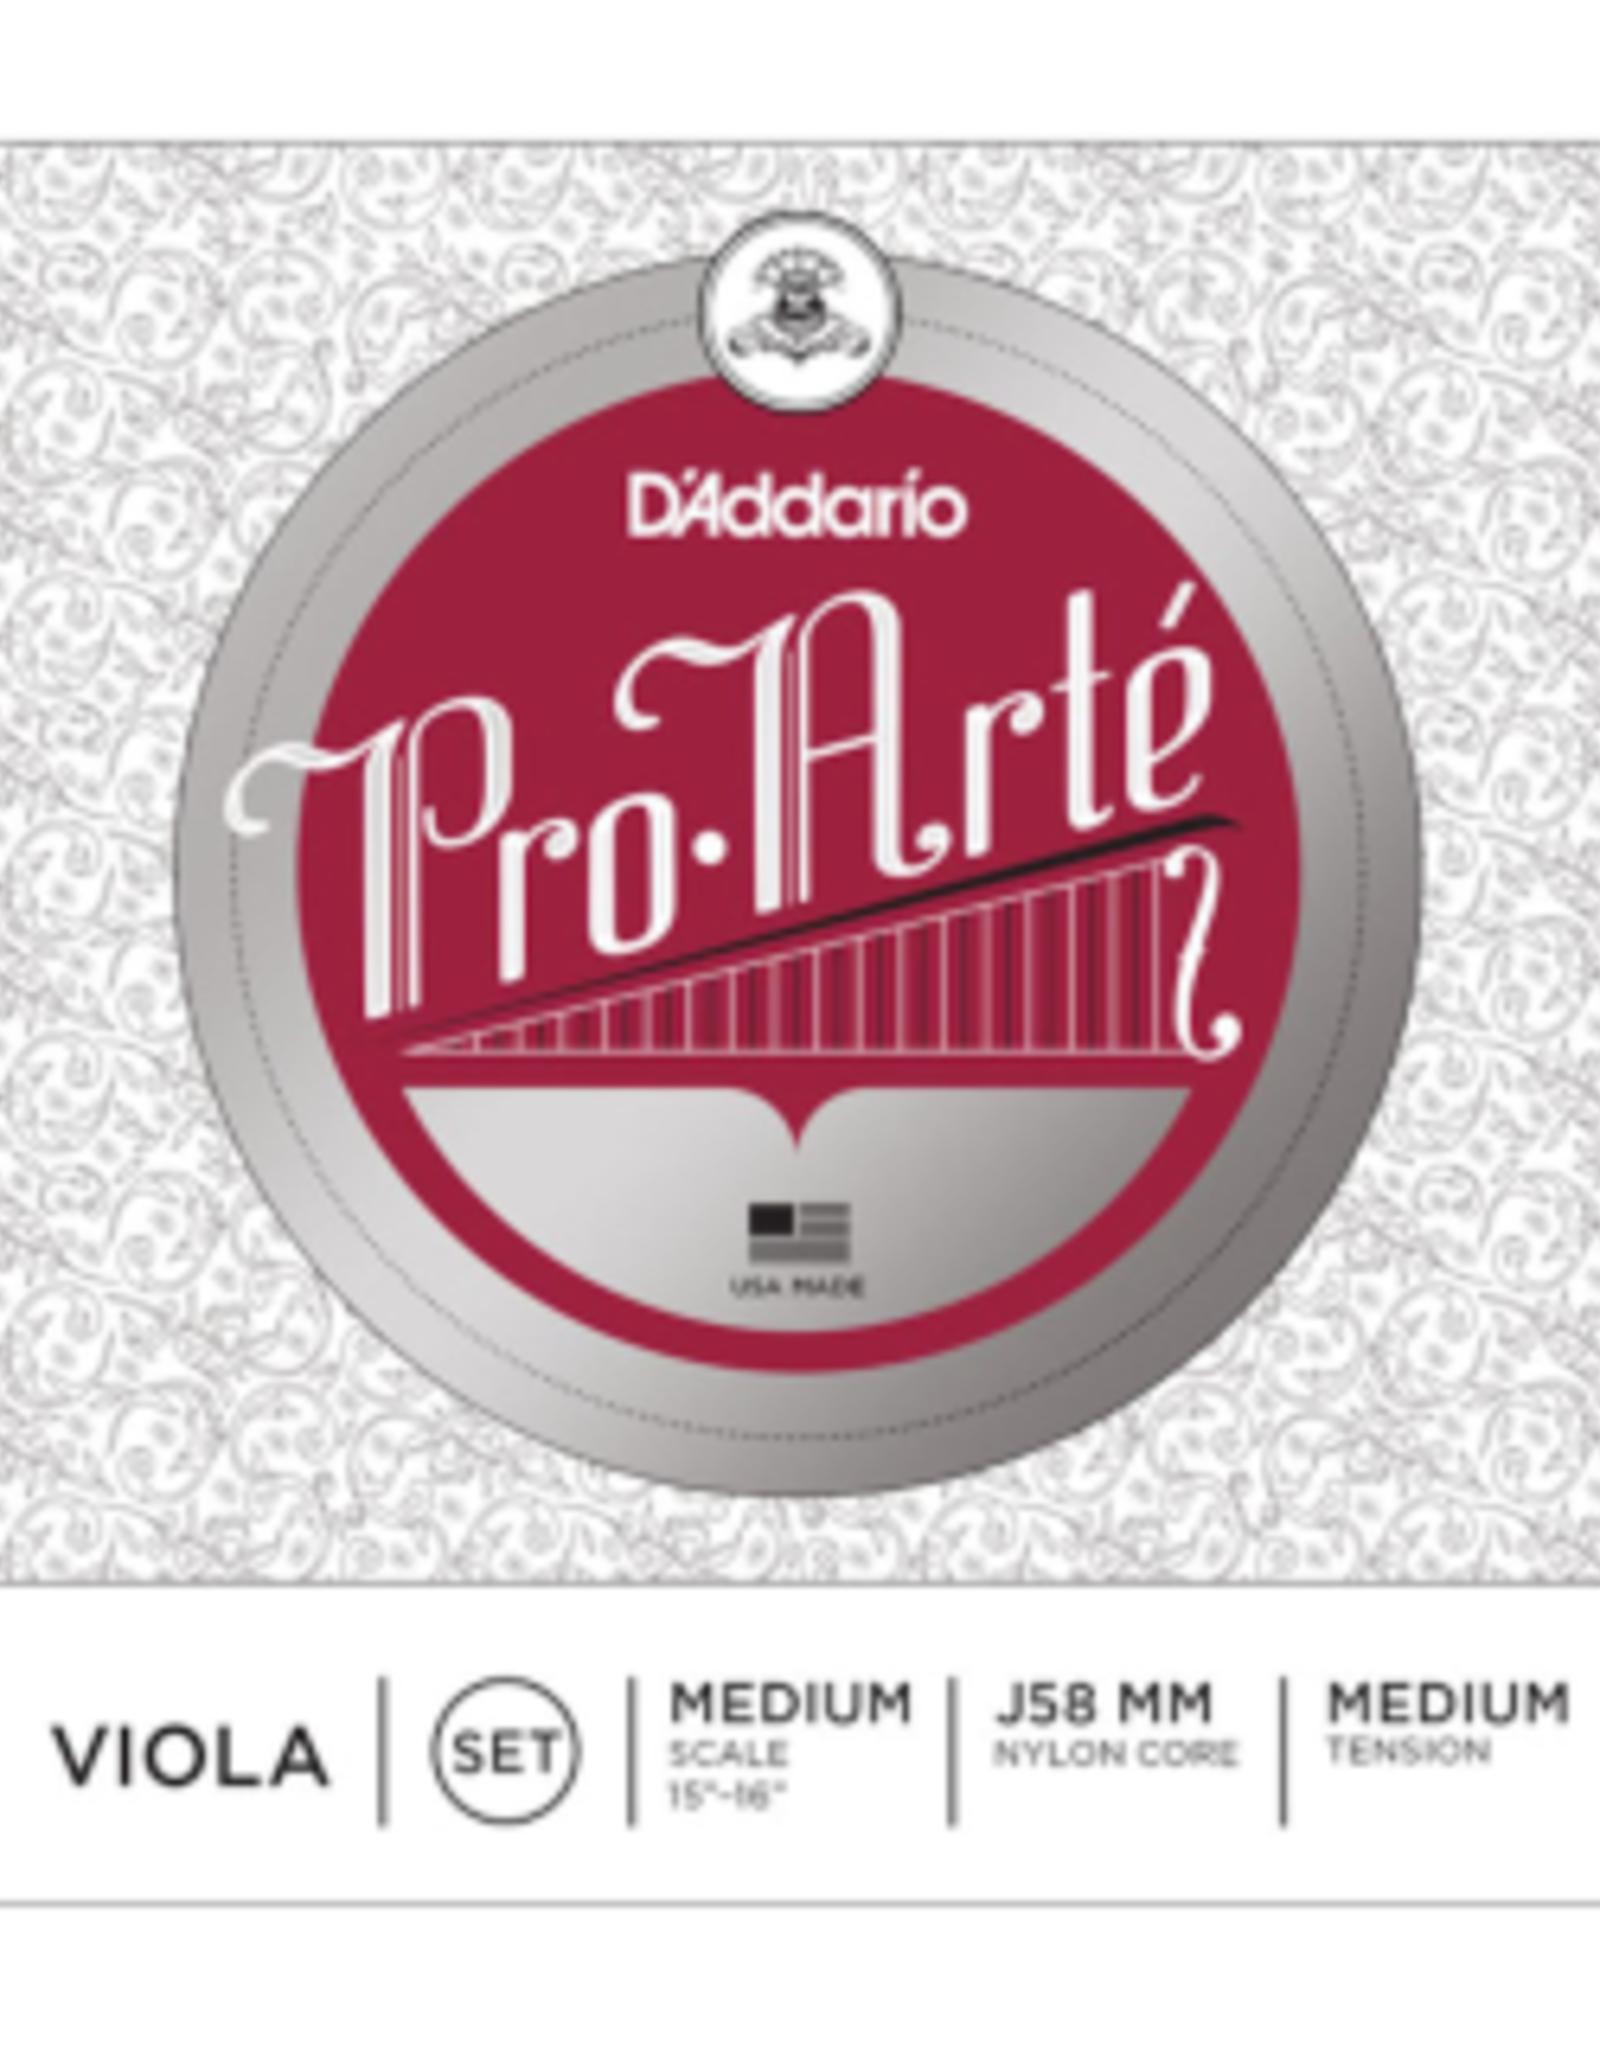 D'ADDARIO pro arte viola string set, 15'-16'